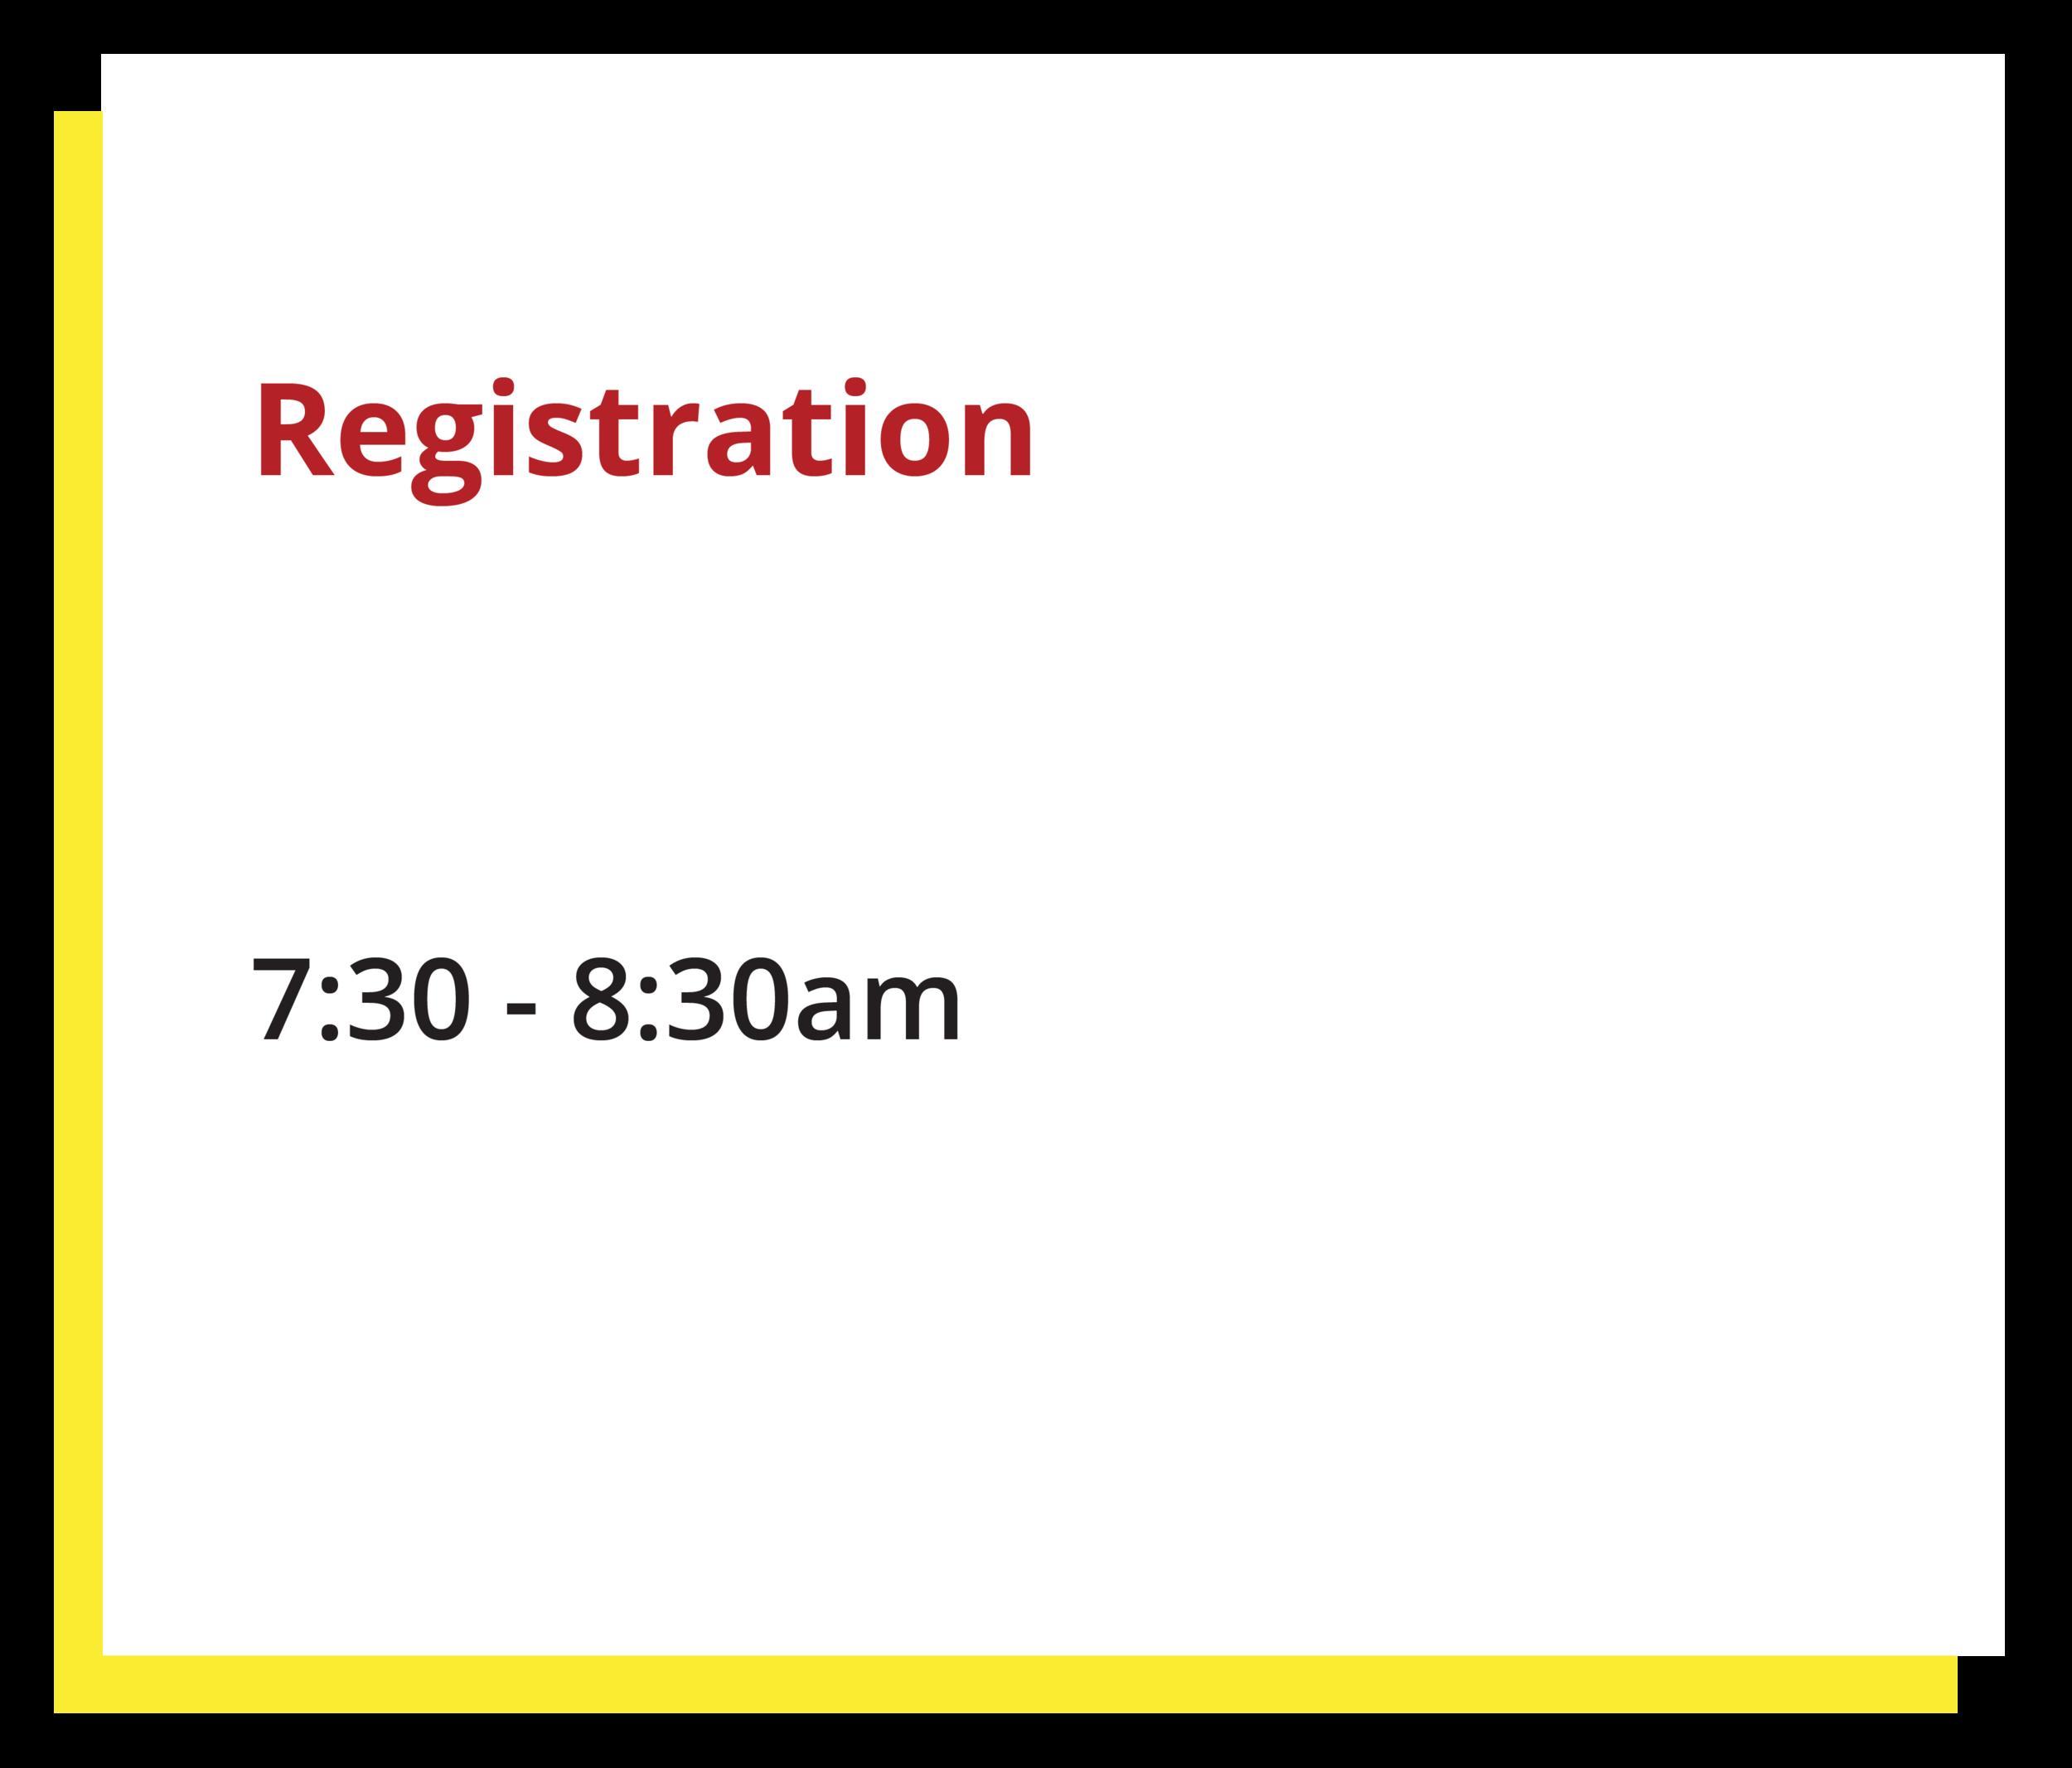 Assets_Registration.png